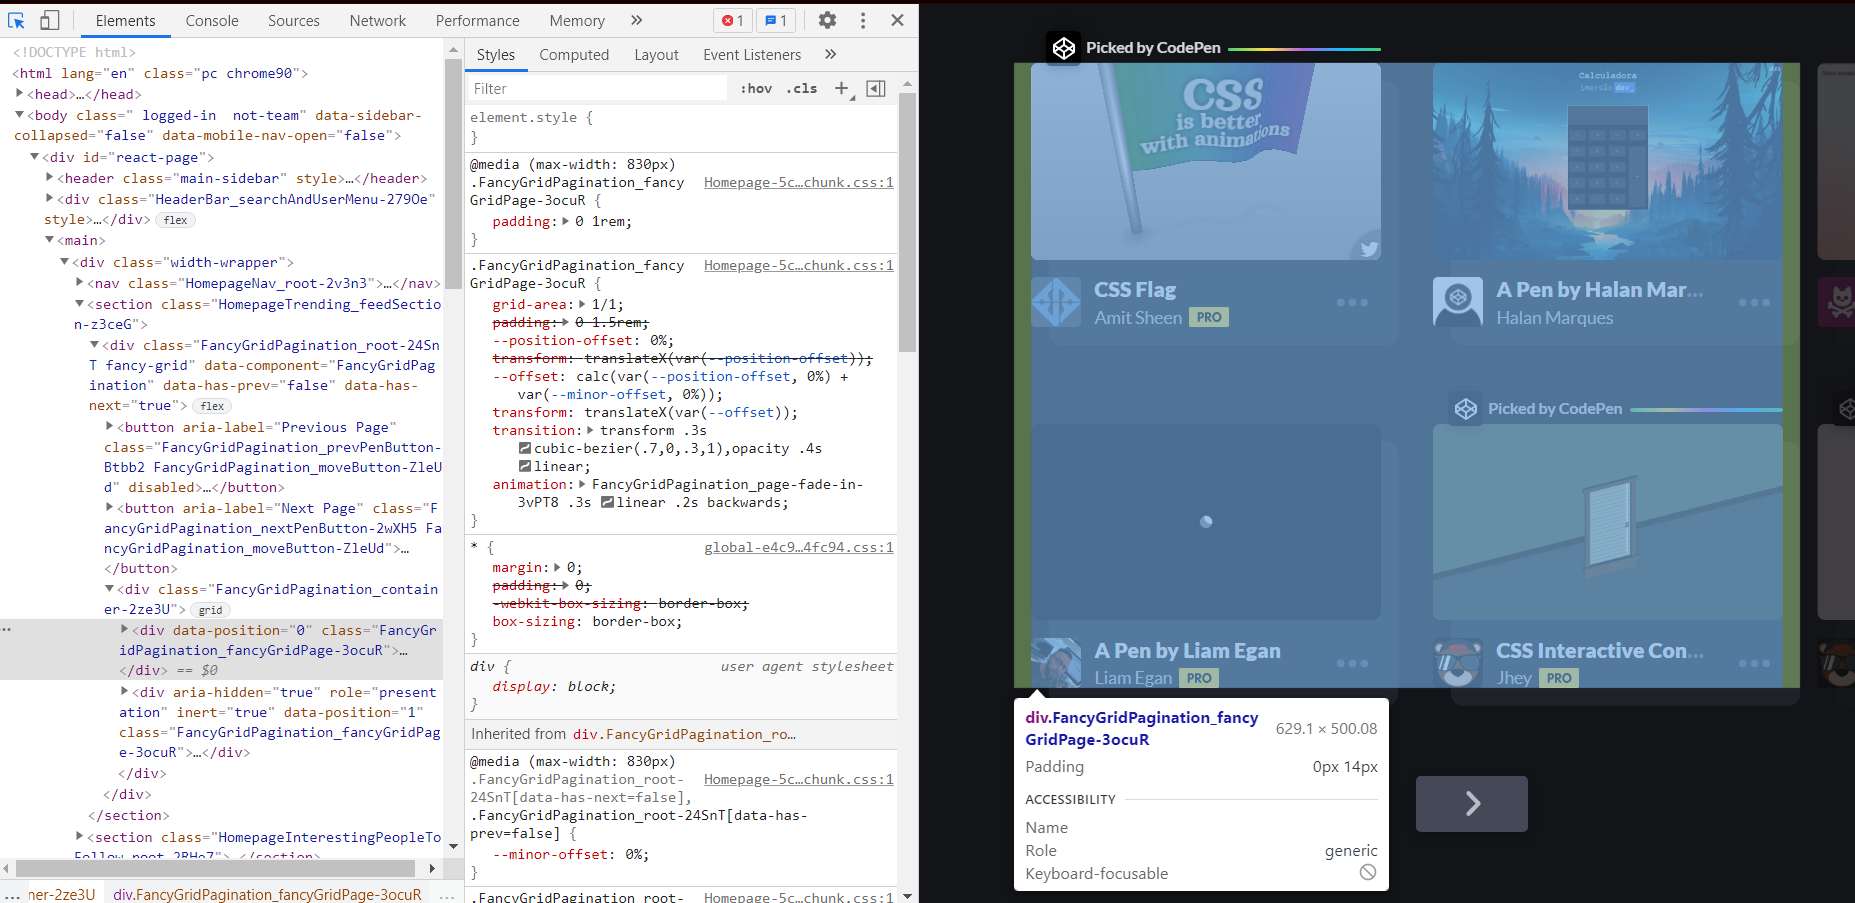 Инструменты для аудита CSS - 4